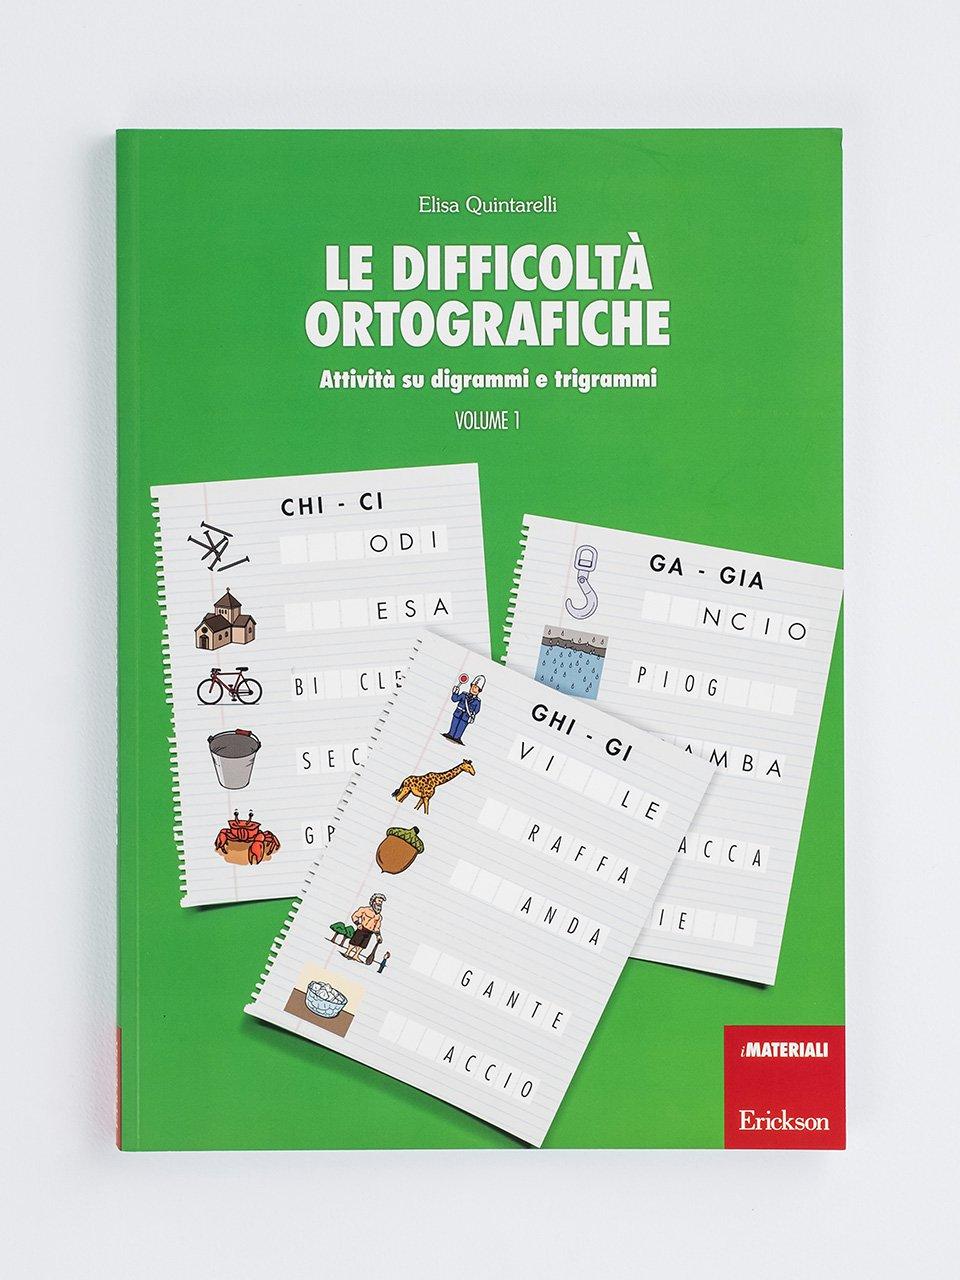 Le difficoltà ortografiche - Volume 1 - Libri - App e software - Erickson 3